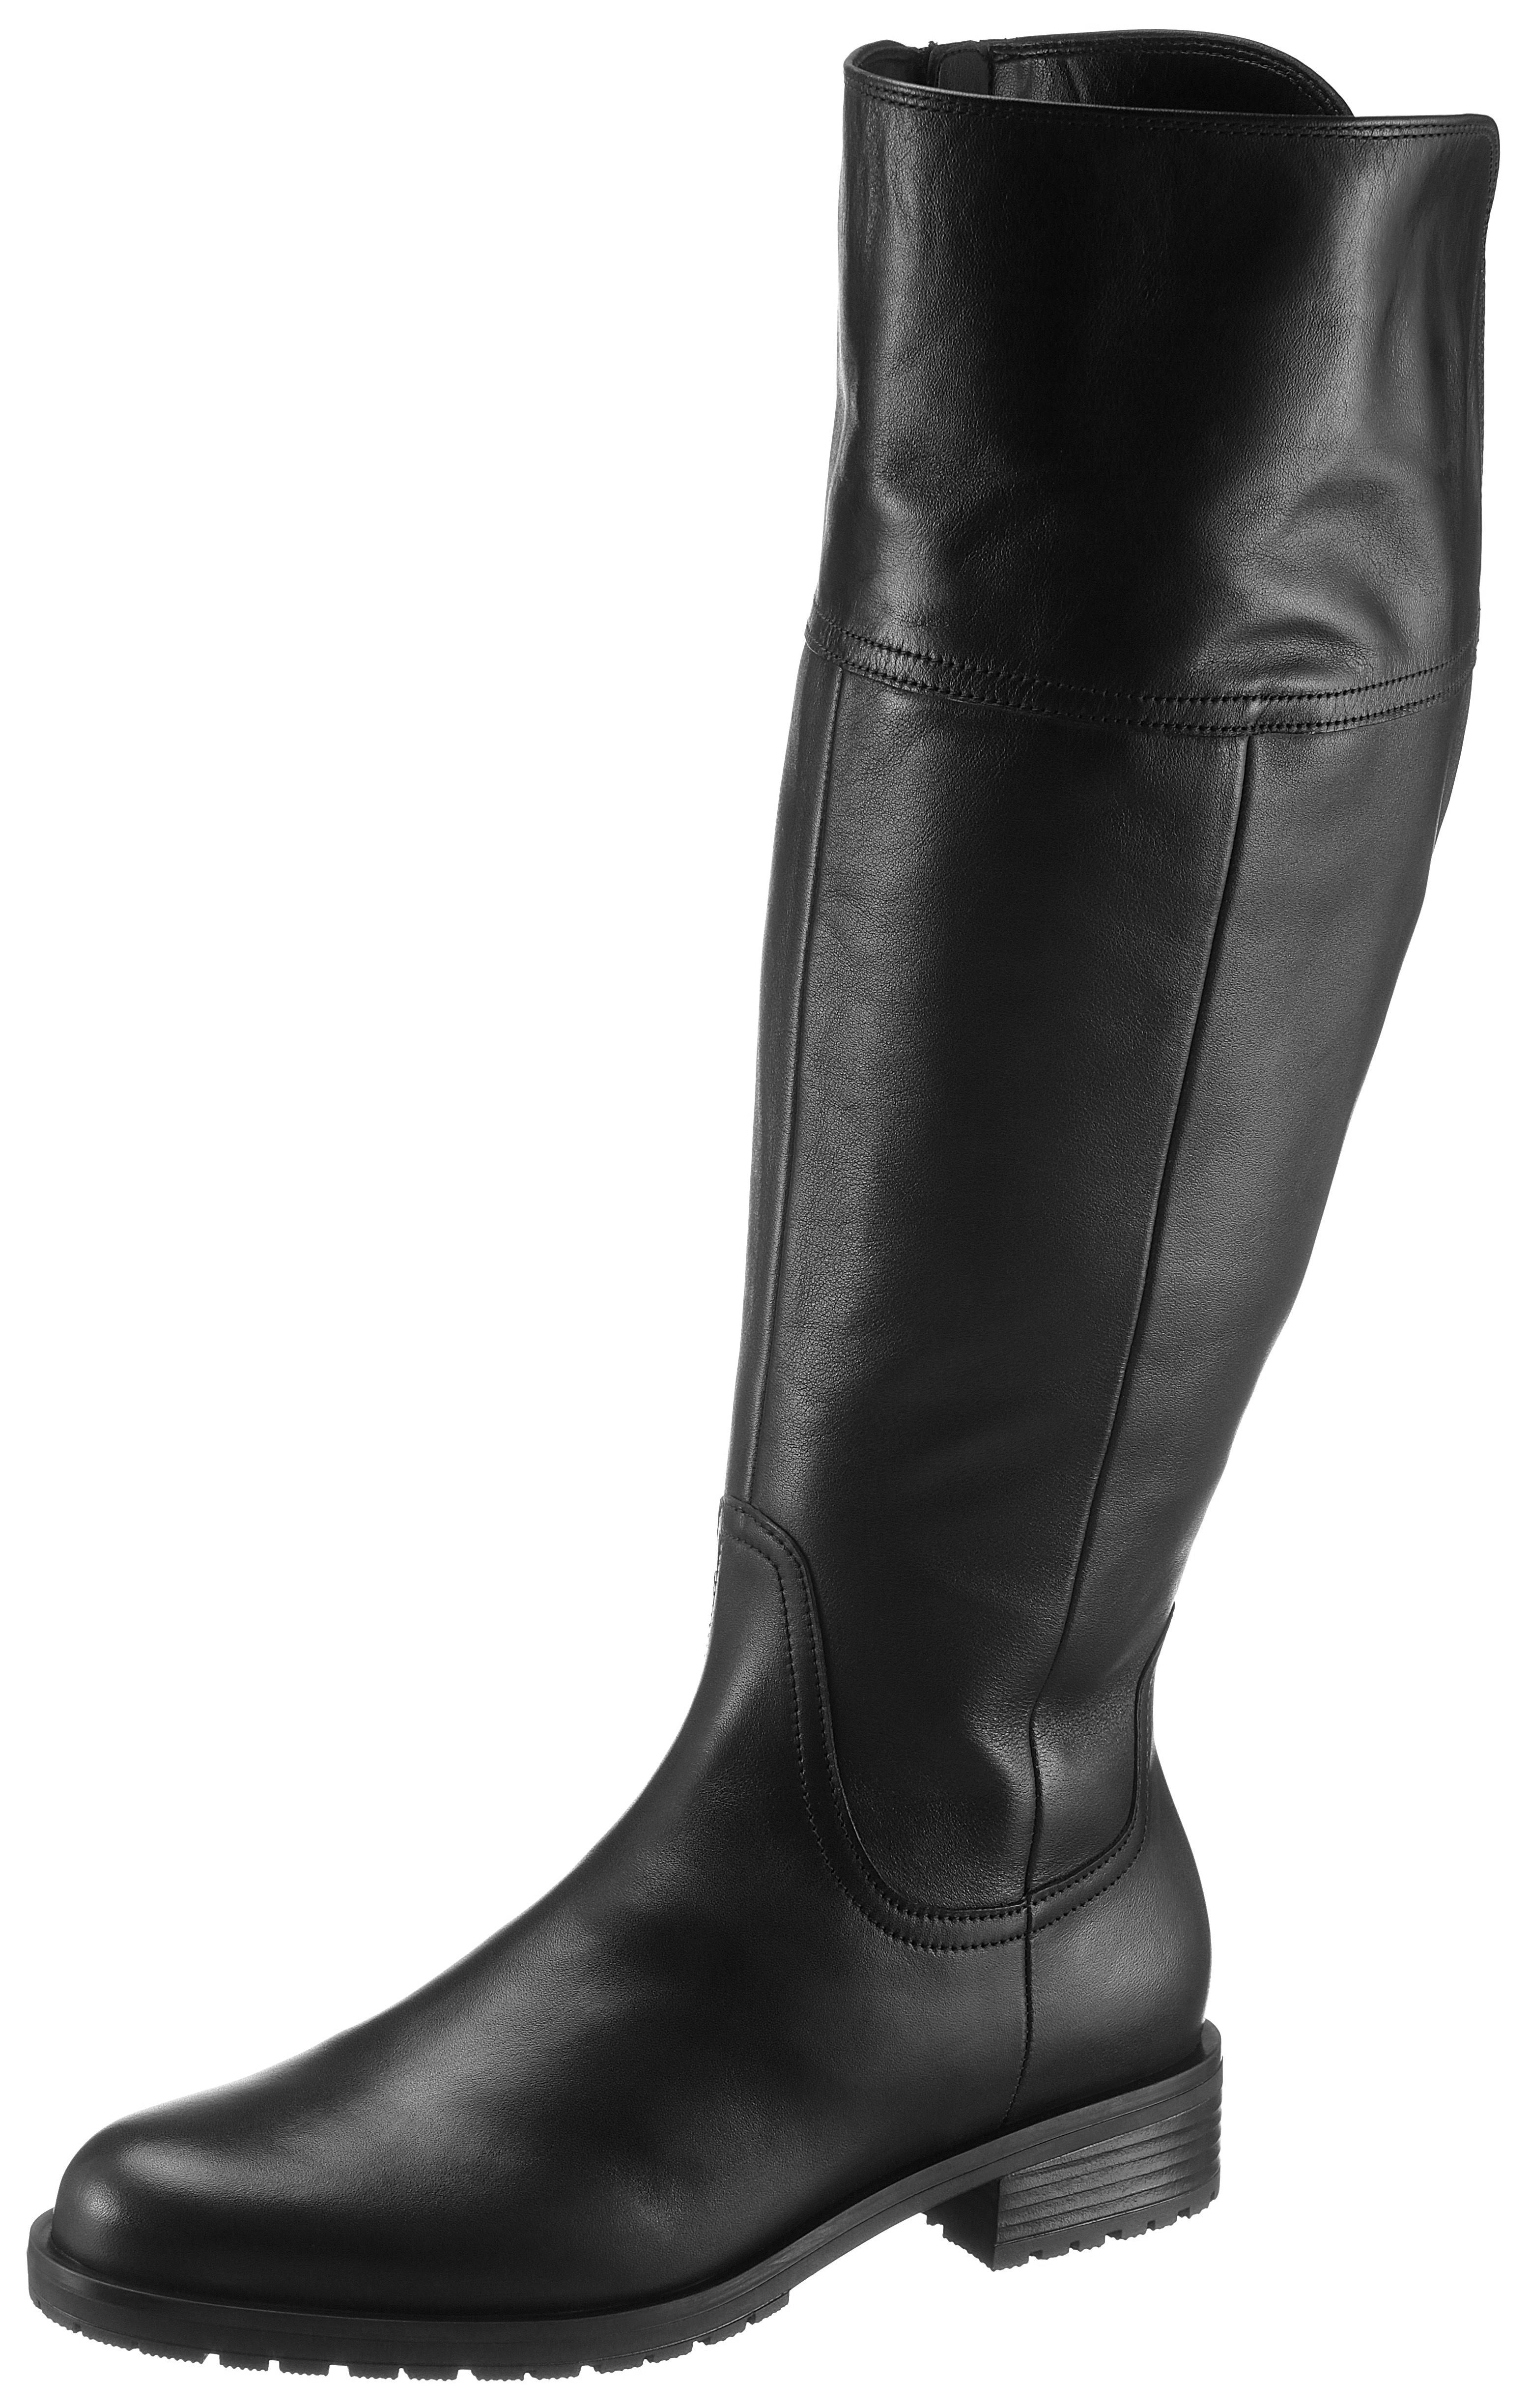 Gabor Weitschaftstiefel GENUA | Schuhe > Stiefel > Weitschaftstiefel | Gabor